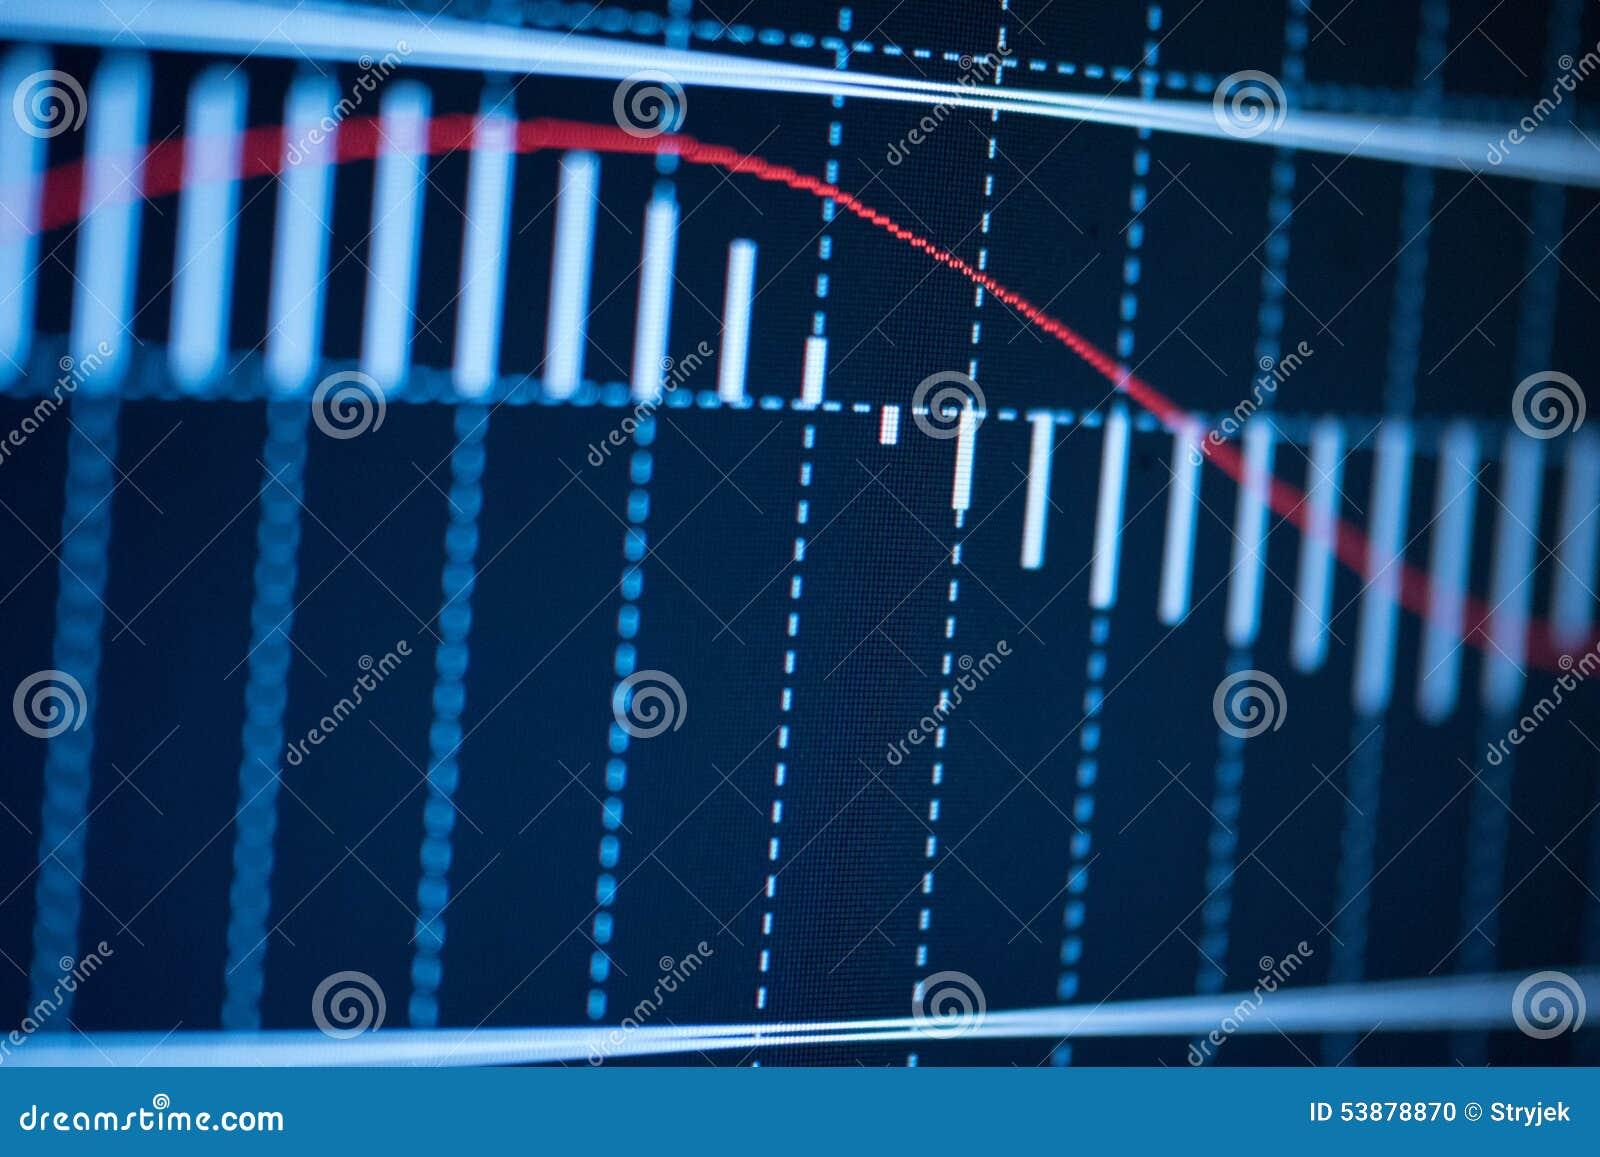 Ljusstakediagram som visar en minskande trend